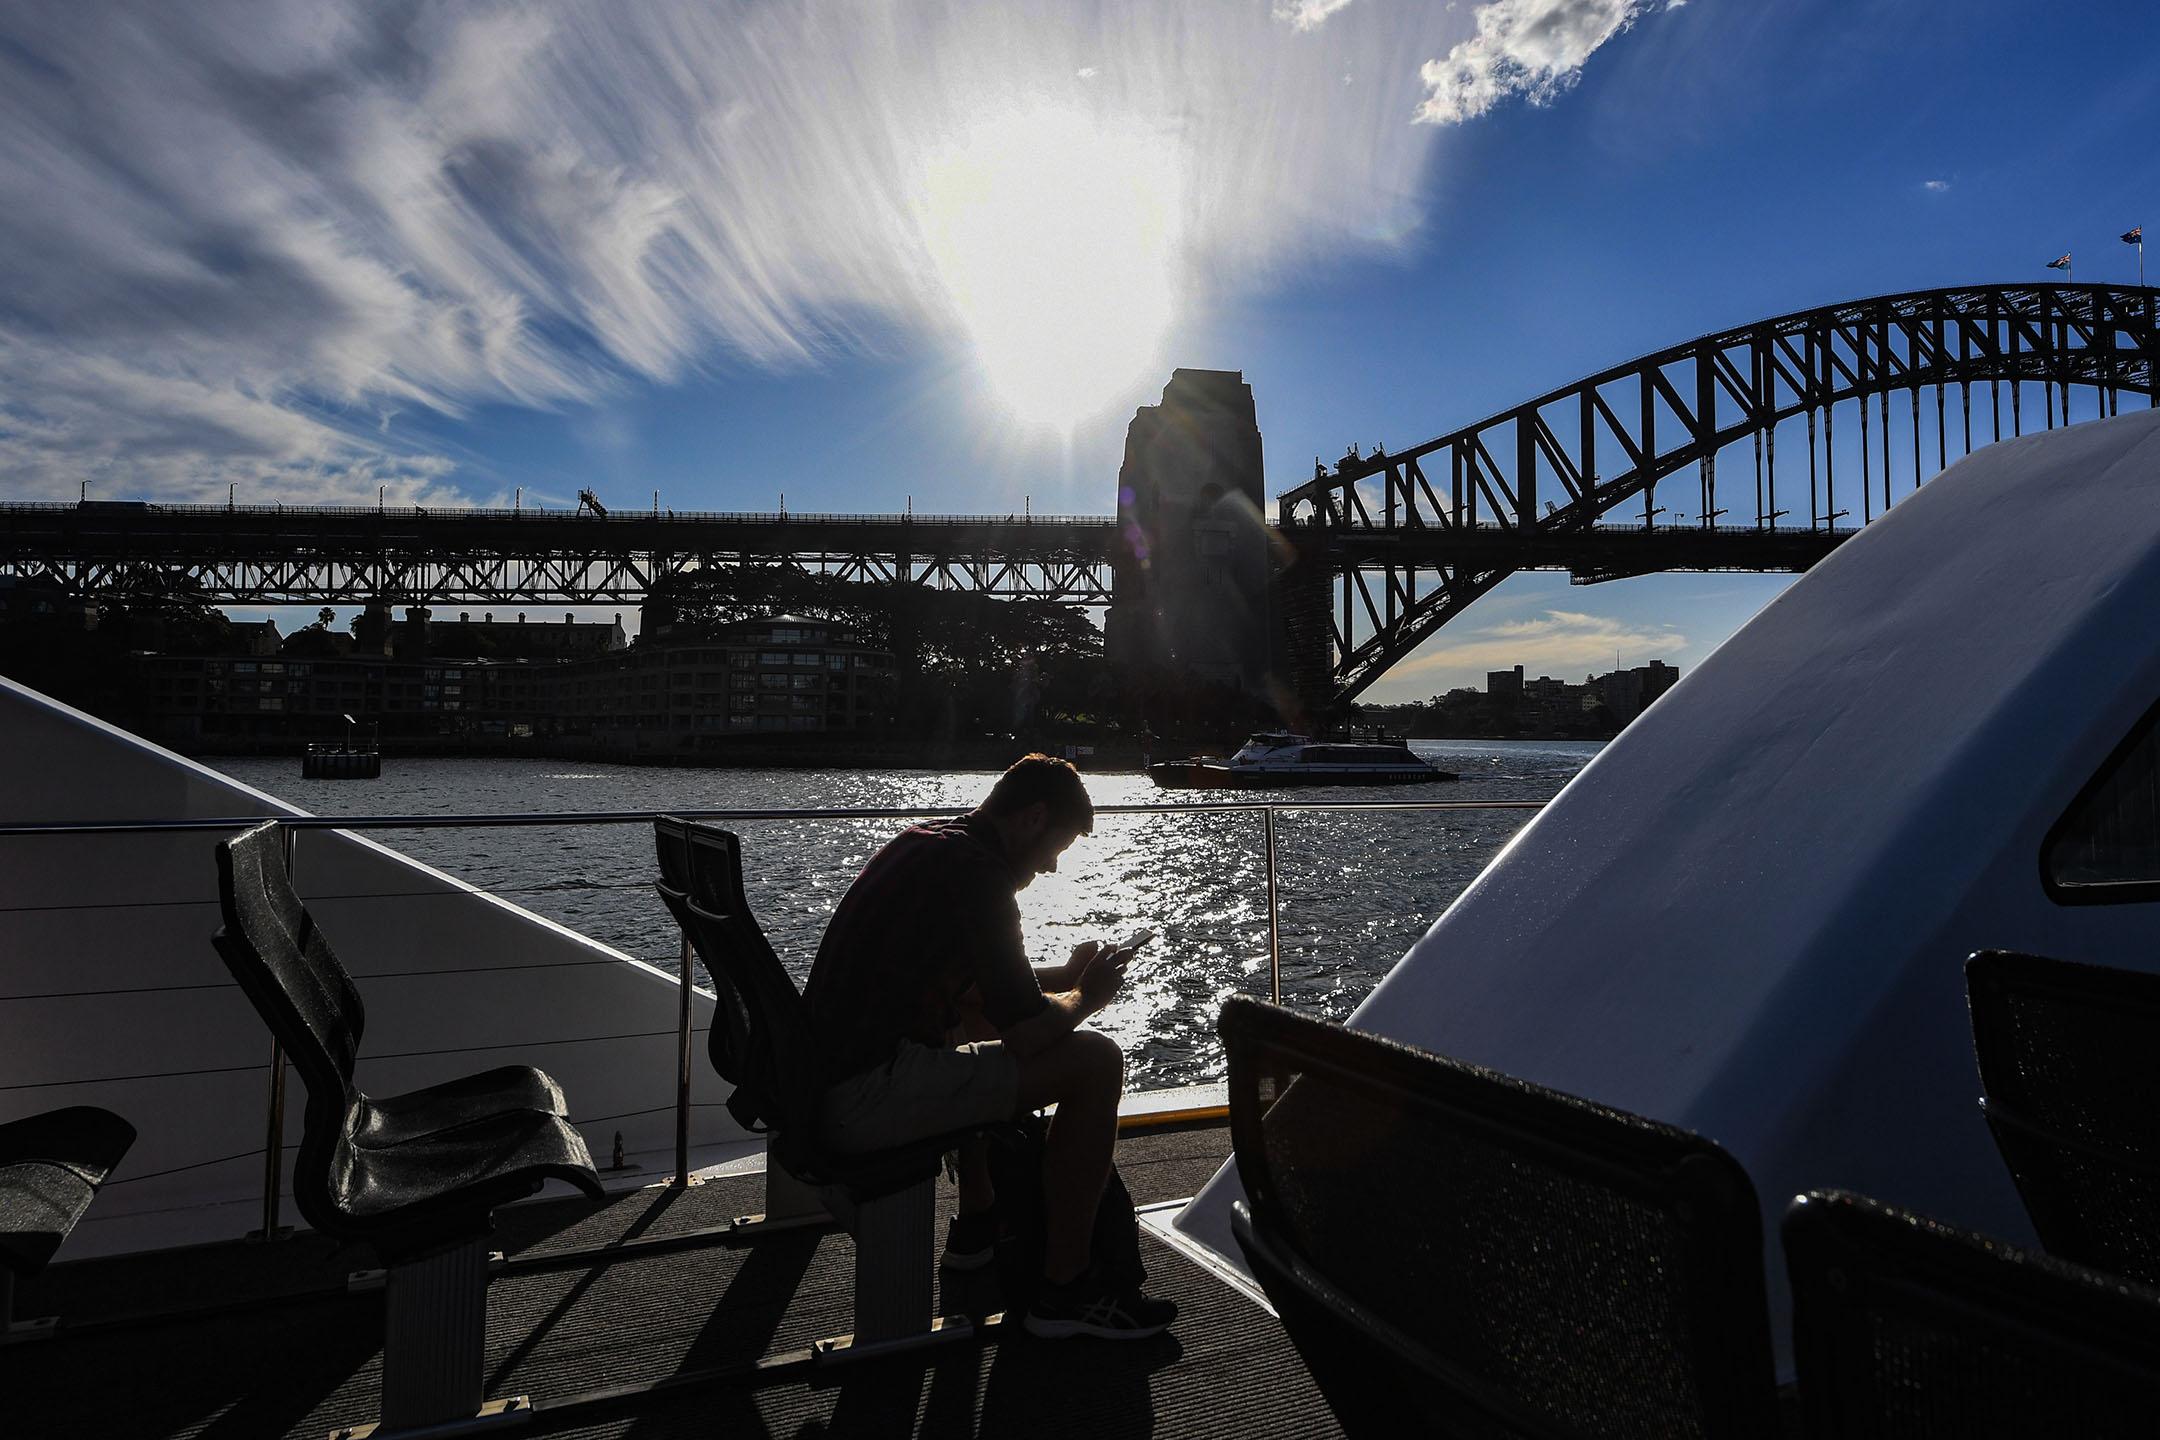 2020年5月12日澳大利亞悉尼,一名男子乘坐悉尼渡輪經過海港大橋時看手機。 攝:James D. Morgan/Getty Images